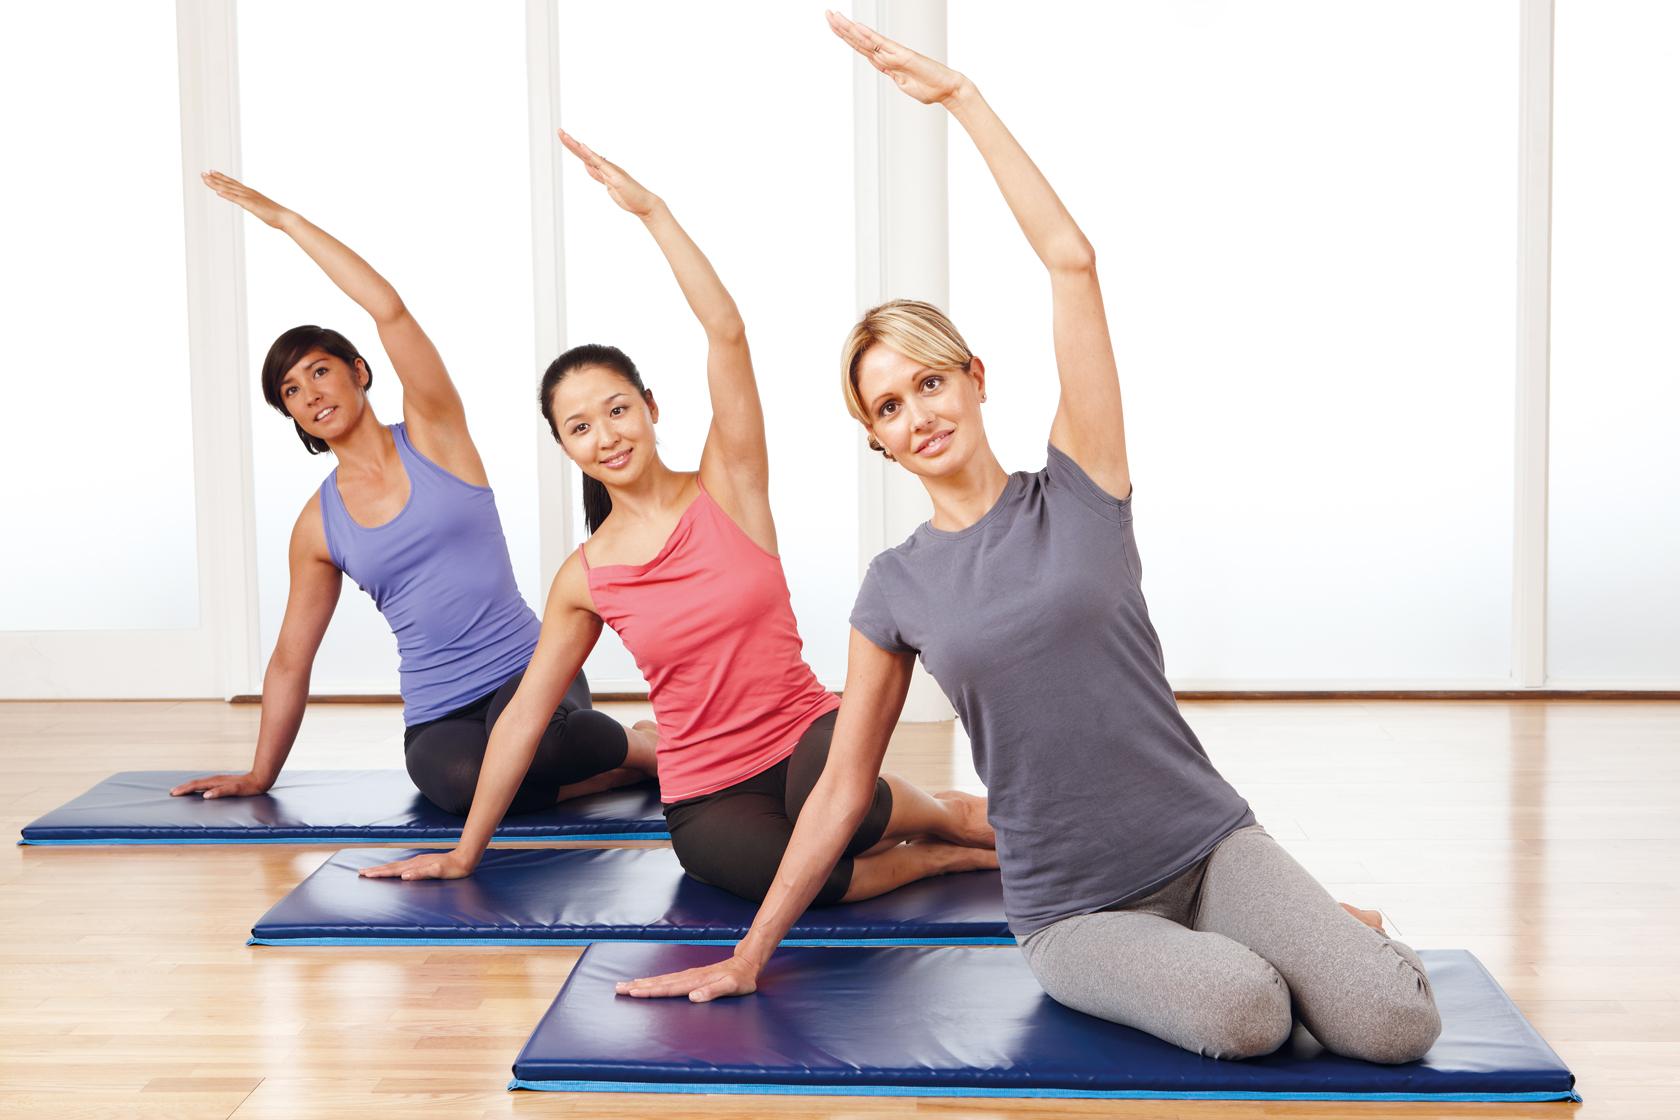 Стретчинг это комплекс упражнений для растяжки и гибкости